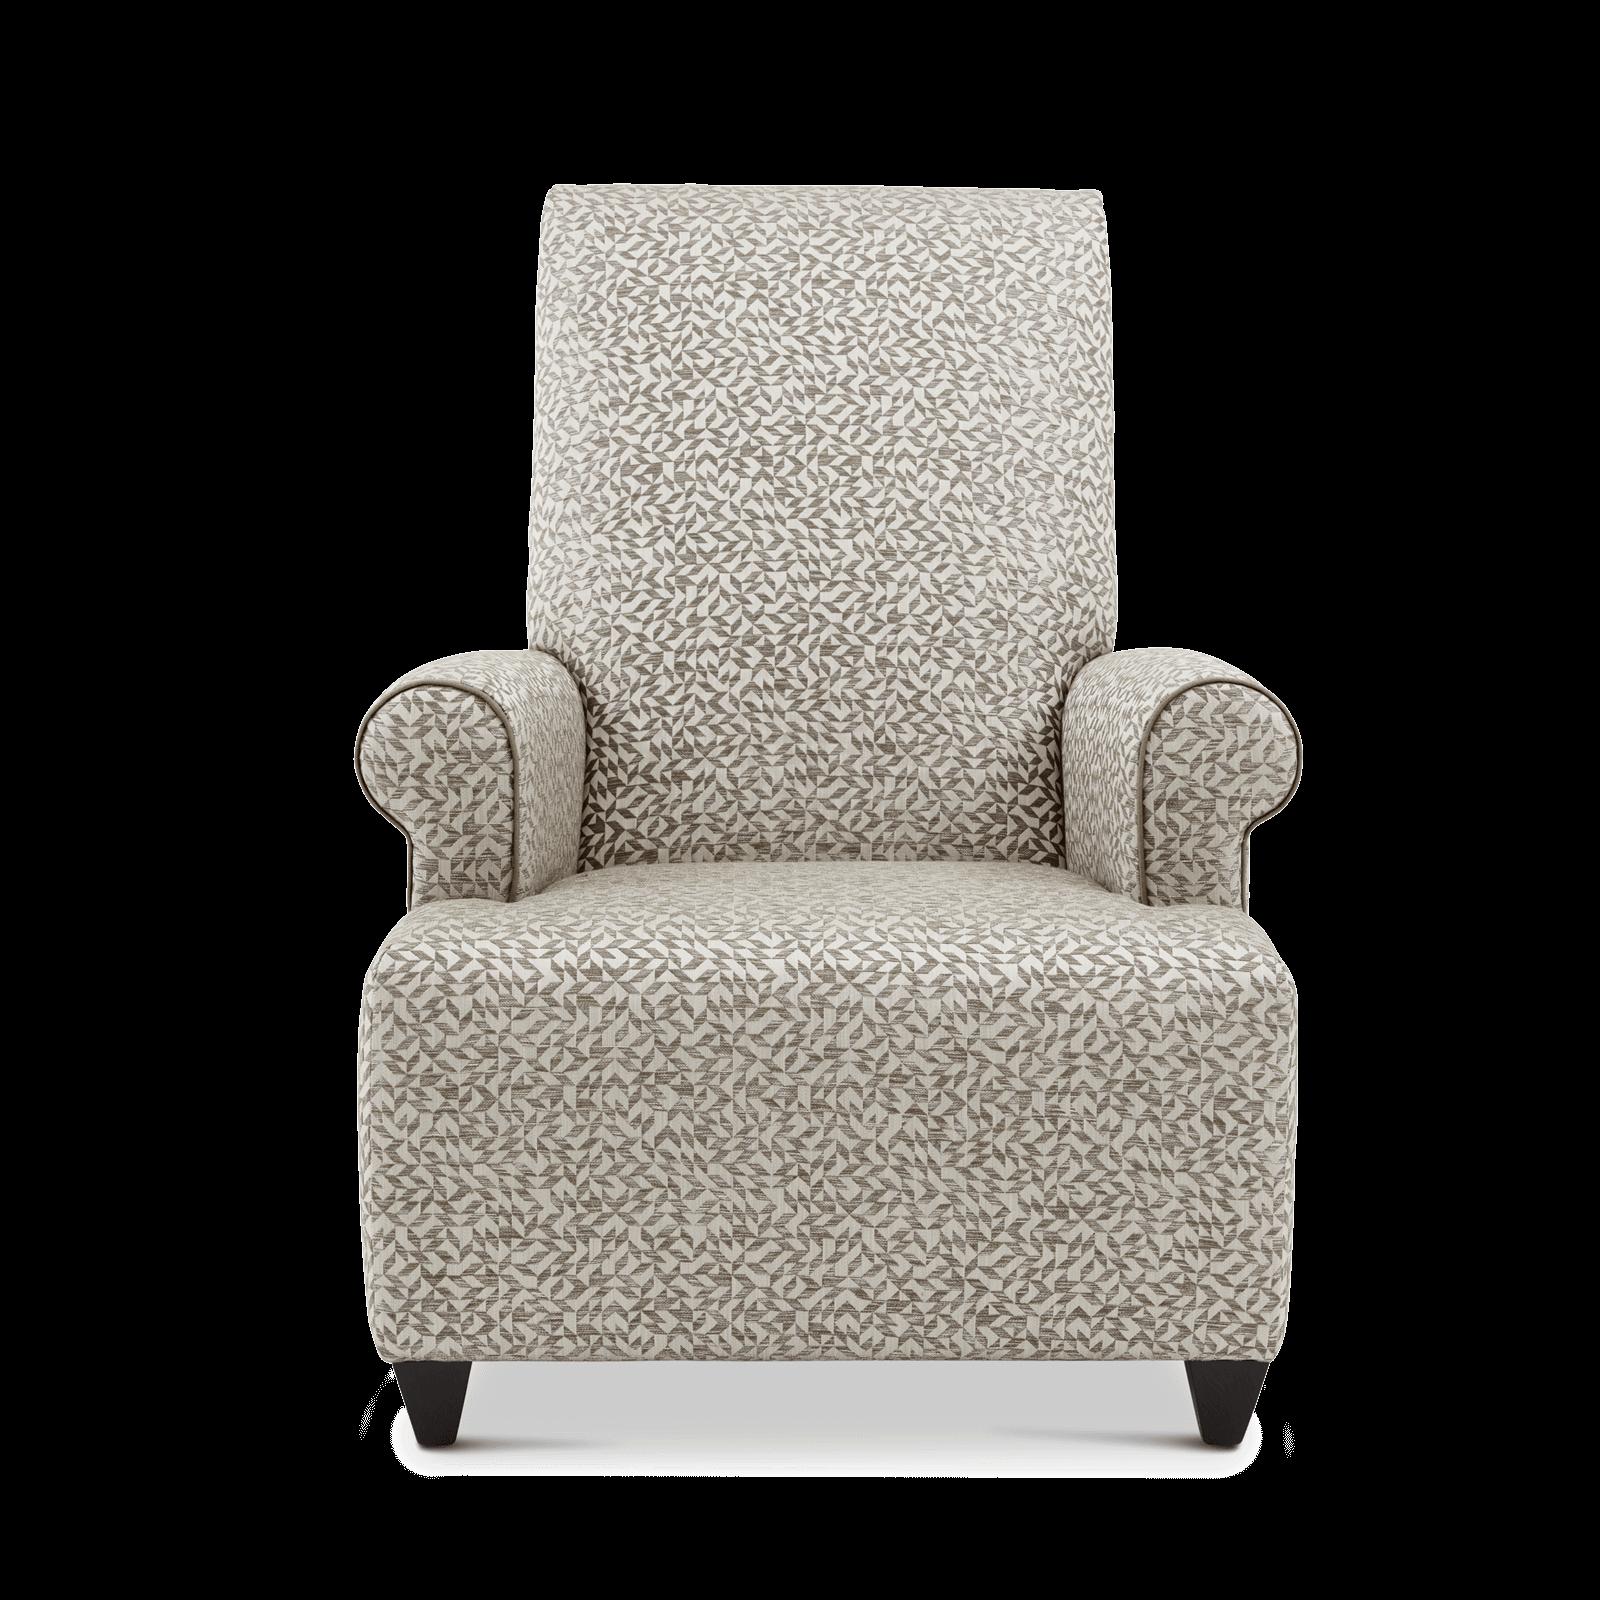 Destination Club Chair